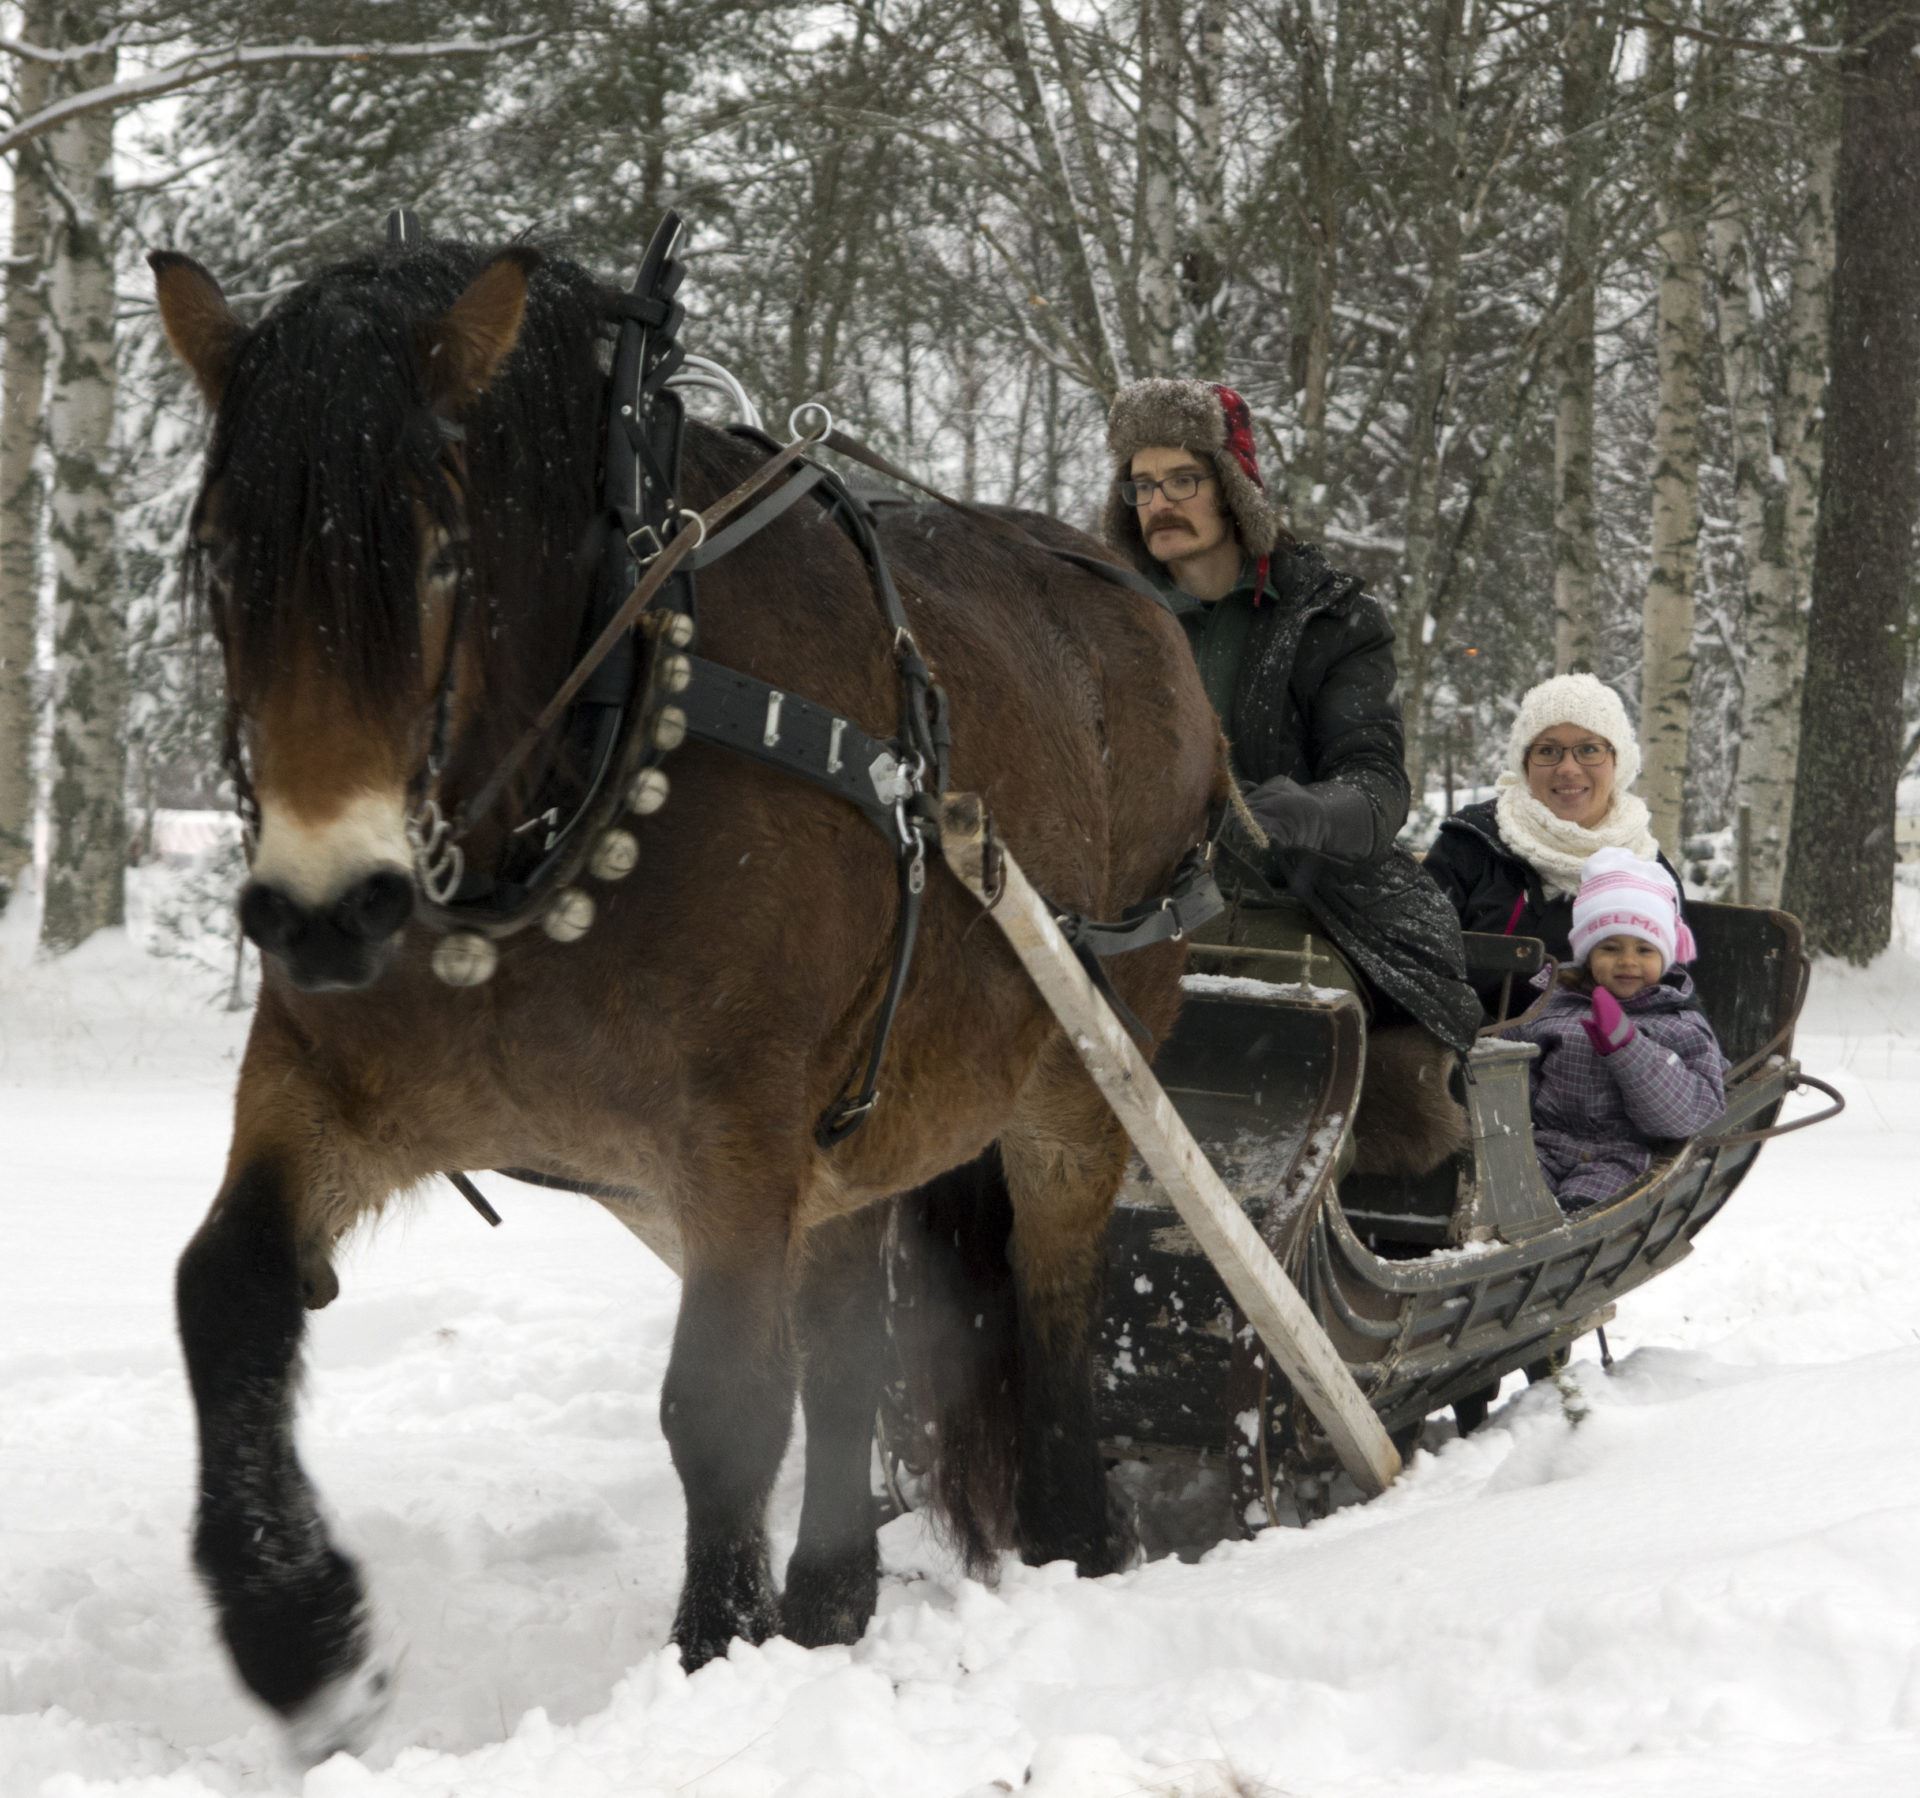 Anders Björkman, Traditioneller Weihnachtsmarkt beim Västerbottens Museum